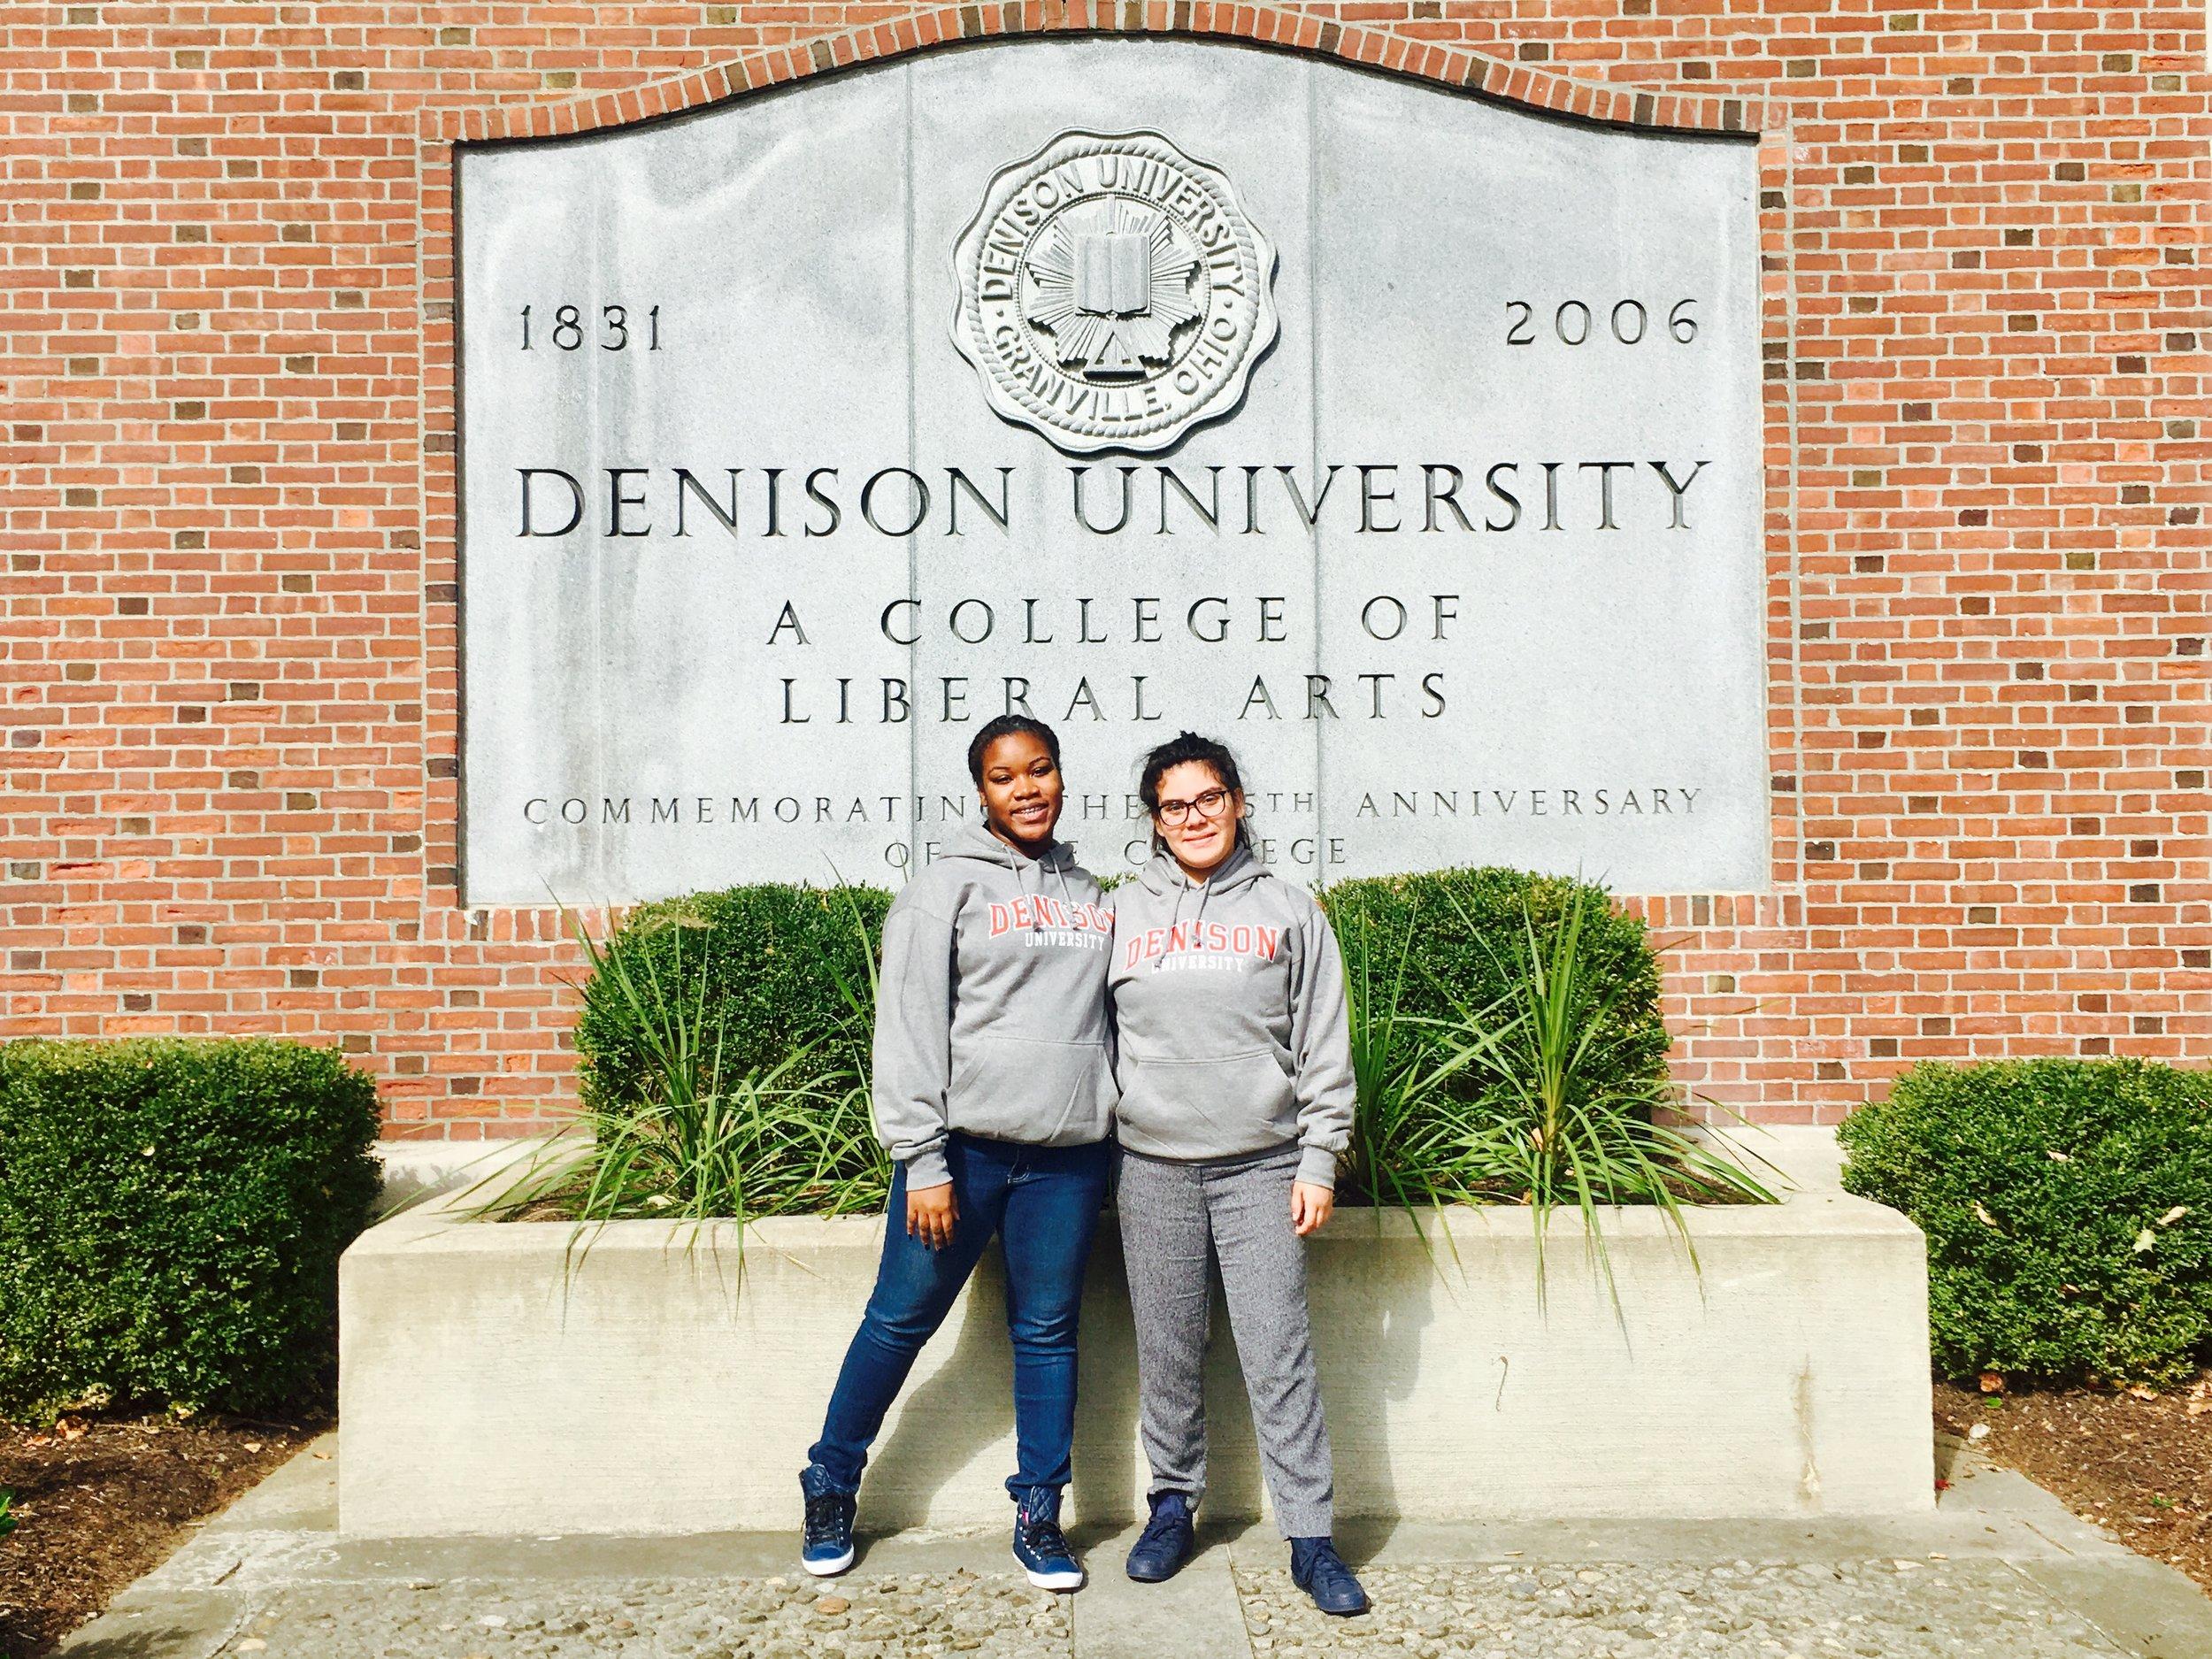 Why denison university essay